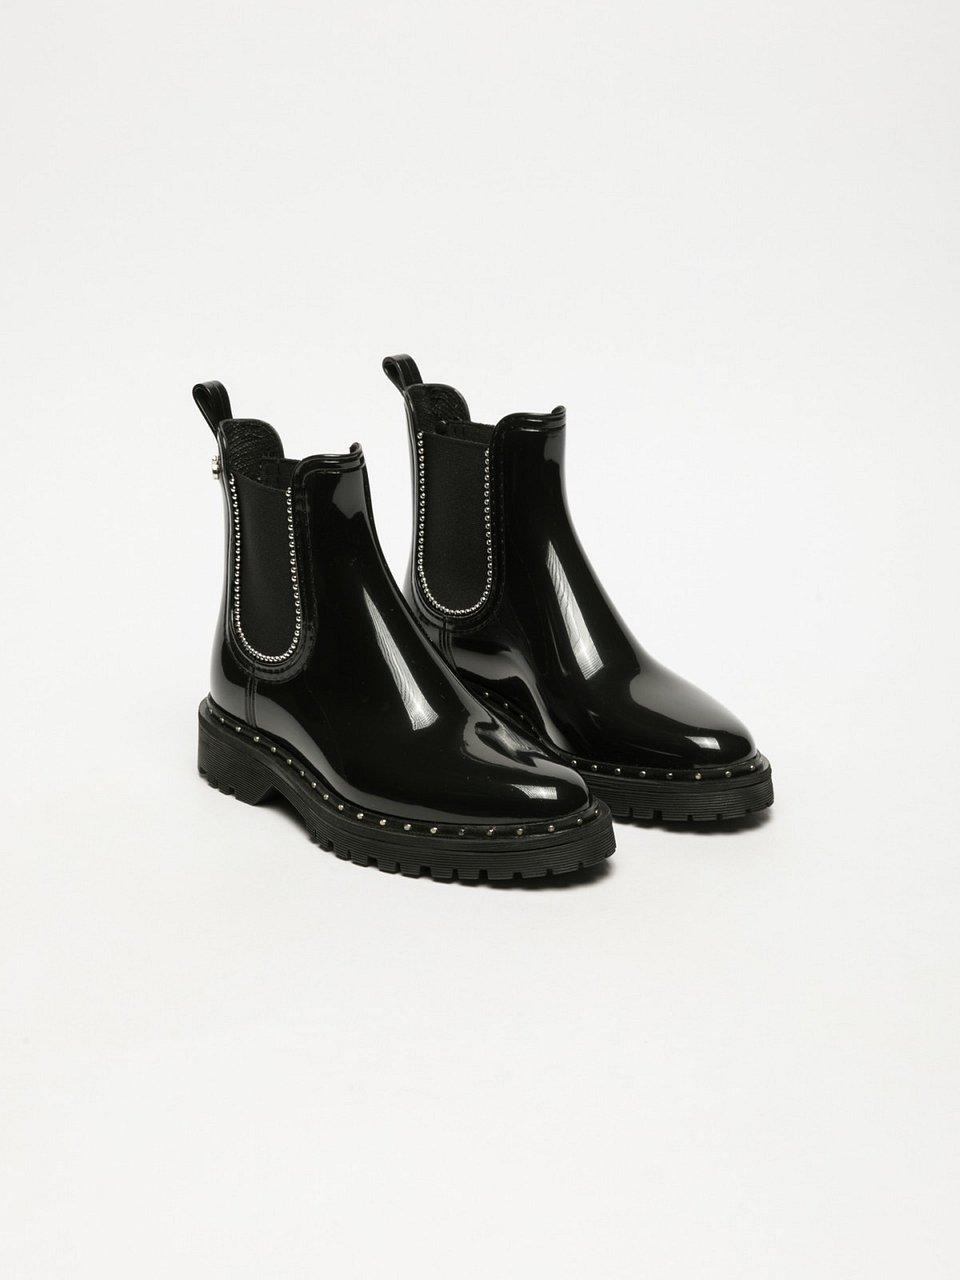 4f6935a8b8 Sapatos que combinam a inovação do design e a qualidade da produção. Se  procura uns botins com estilo elegante mas que se adaptam ao mesmo tempo ...